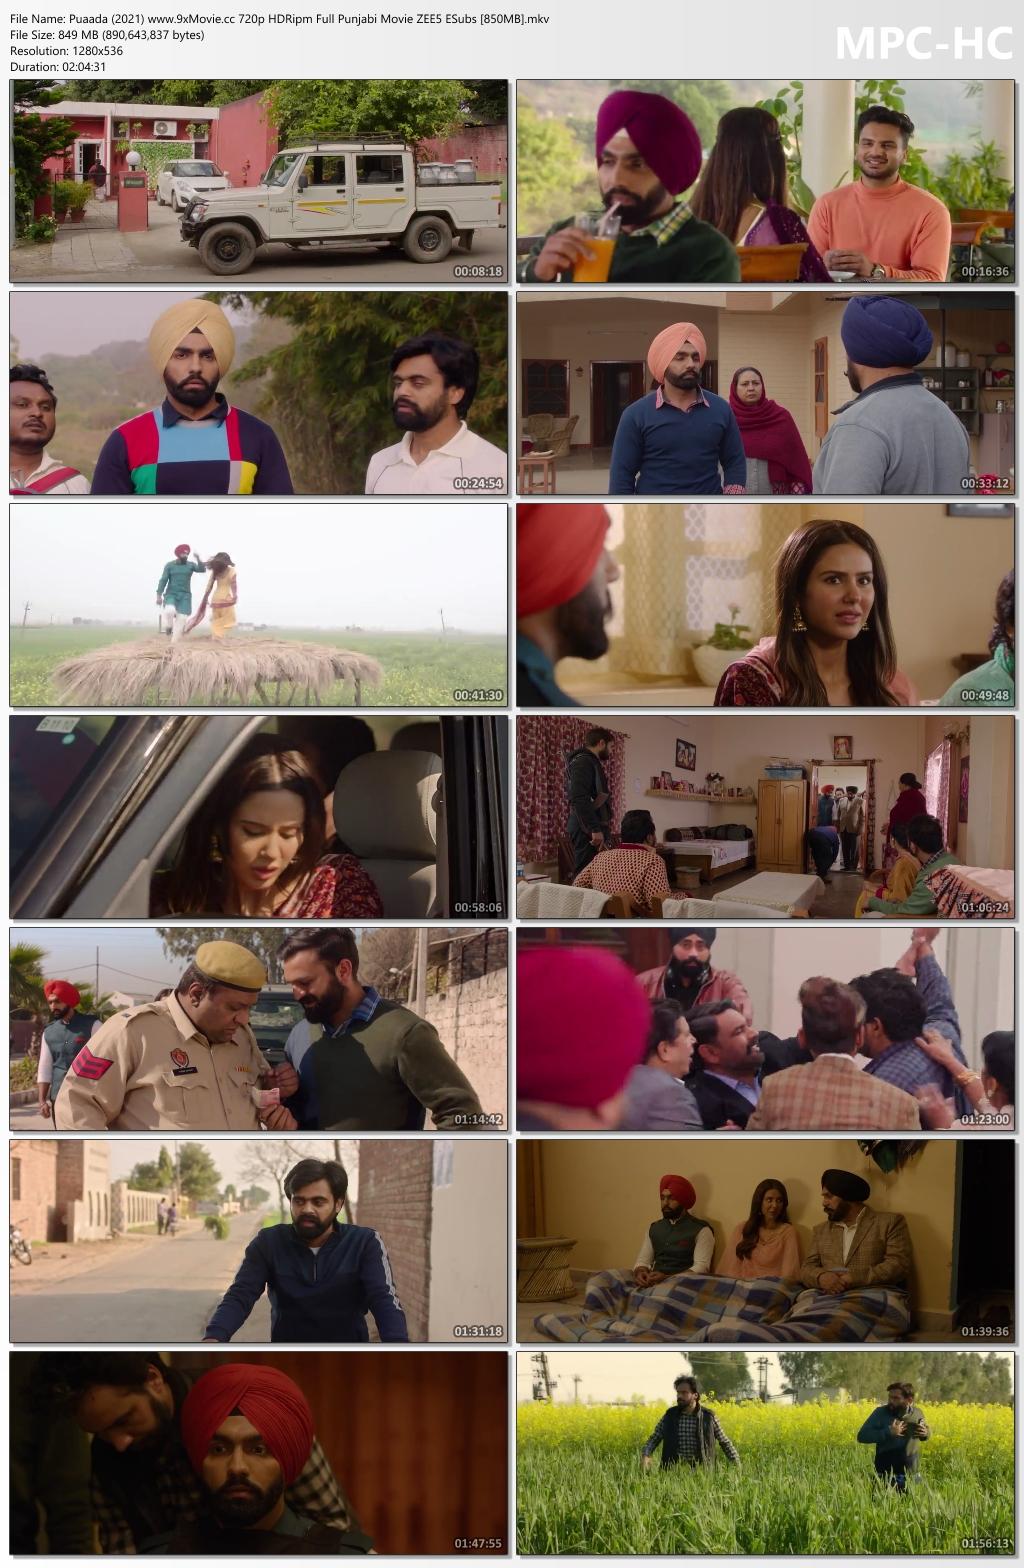 Puaada-2021-www-9x-Movie-cc-720p-HDRipm-Full-Punjabi-Movie-ZEE5-ESubs-850-MB-mkv